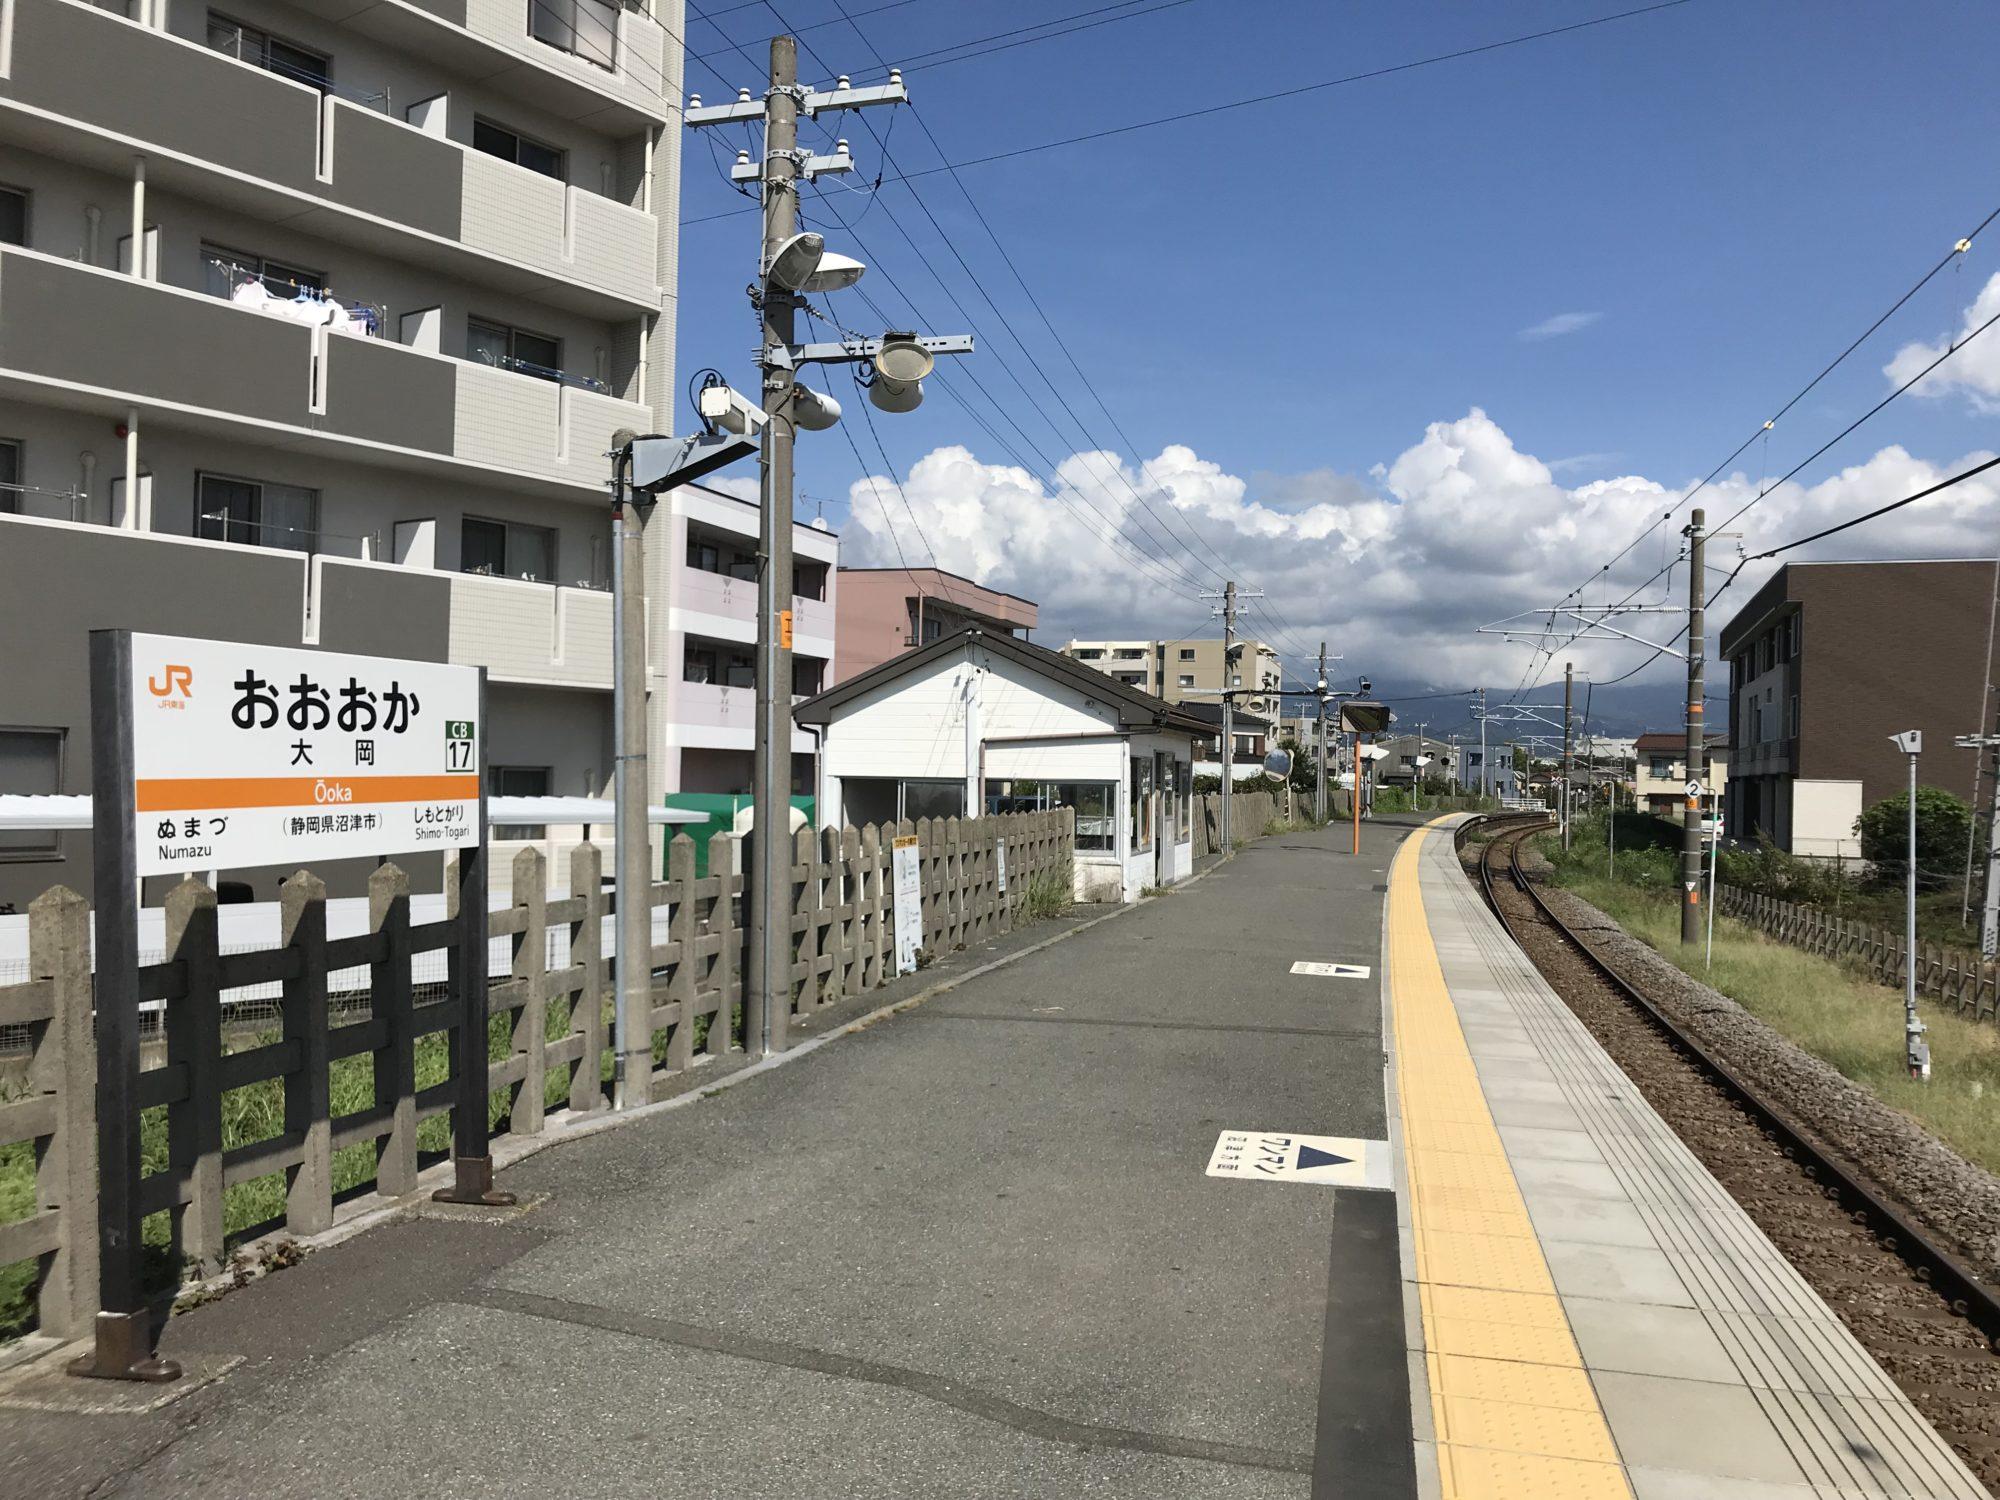 昔のままの駅